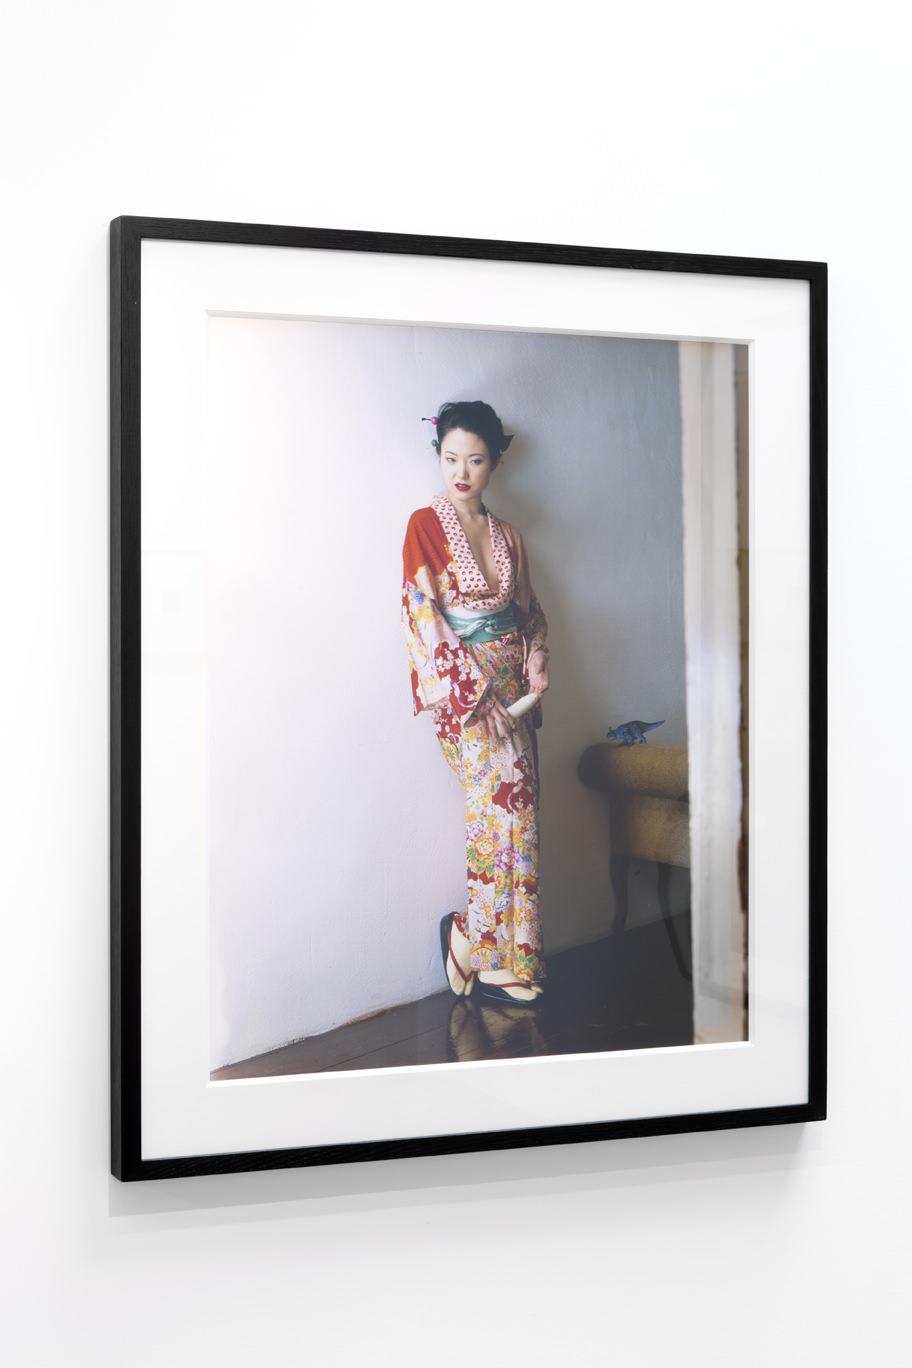 Photographe japonais connu pour ses photos argentiques de femmes ligotées et de fleurschargées de sensualité brute, Nobuyoshi Araki s'expose pour la cinquième fois dans la galerie Kamel Mennour. Ces nouveaux clichés, uniquement des photos récentes, explorent encore une fois ses thèmes de prédilection, l'amour et la mort, et mettent en scène la danseuse Kaori,rencontrée en 2001.   NobuyoshiAraki,du 22 juin au23 juillet à lagalerie Kamel Mennour, 47, rue Saint-André des Arts , Paris VIe.   Retrouvez des photos exclusives de Nobuyoshi Arakipour Numéro Homme.  © Nobuyoshi Araki Photo :Julie Joubert & Archives Kamel Mennour. Courtesy of the artist and Kamel Mennour, Paris